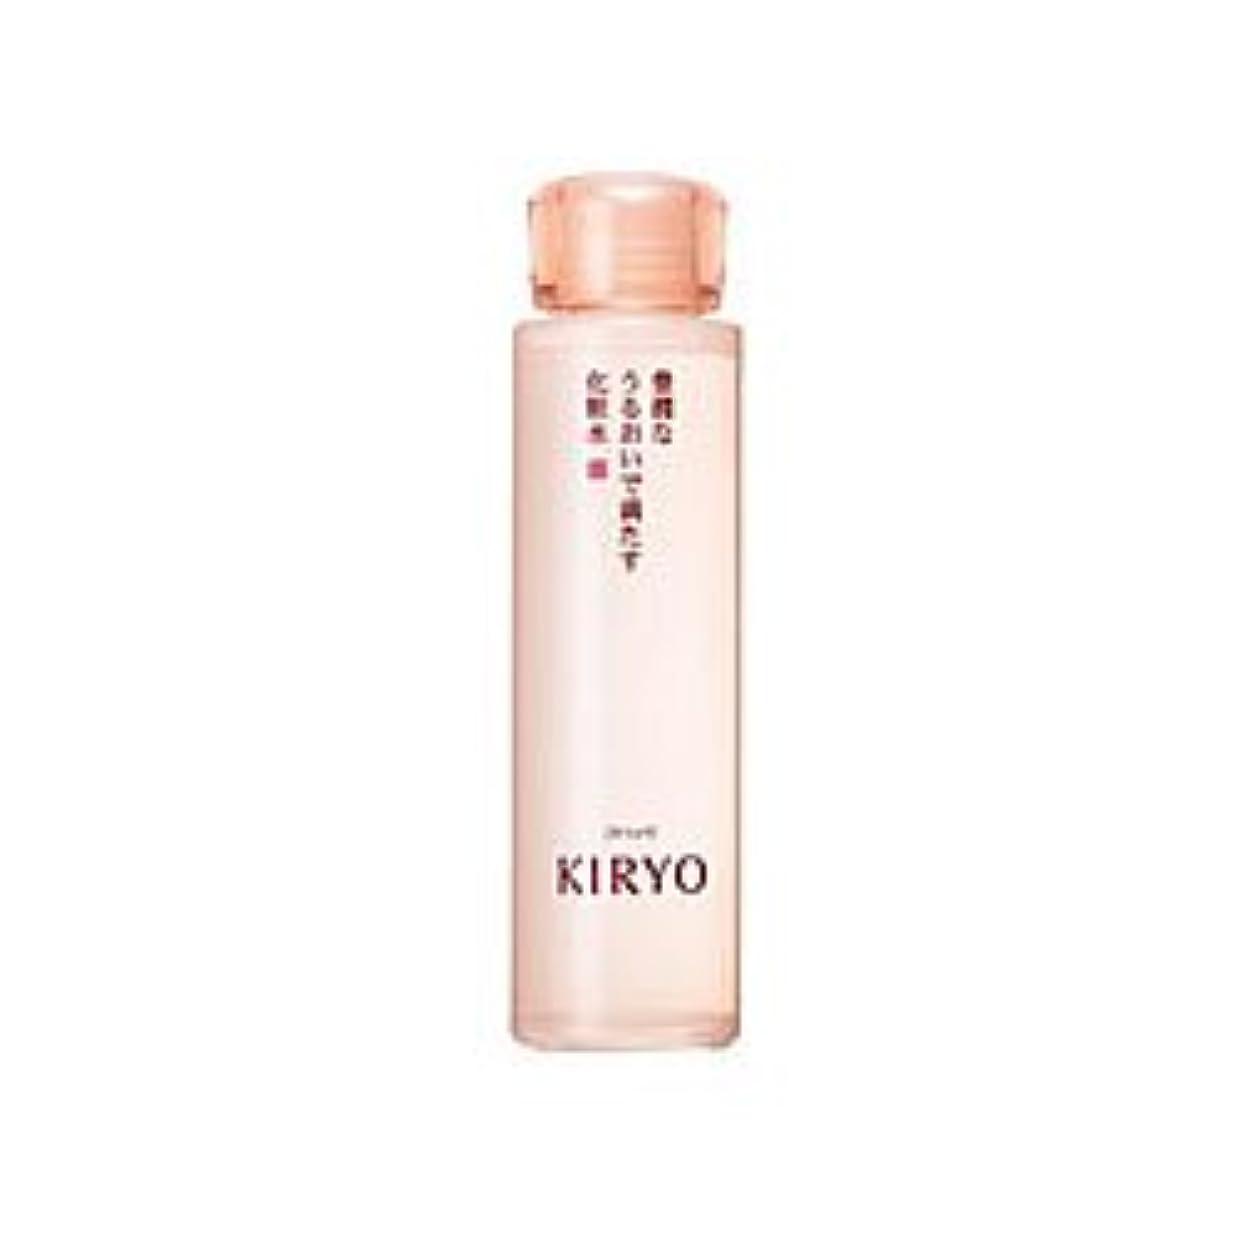 成熟ビデオエスニック【資生堂】キリョウ ローションII(化粧水) 150ml ×3個セット